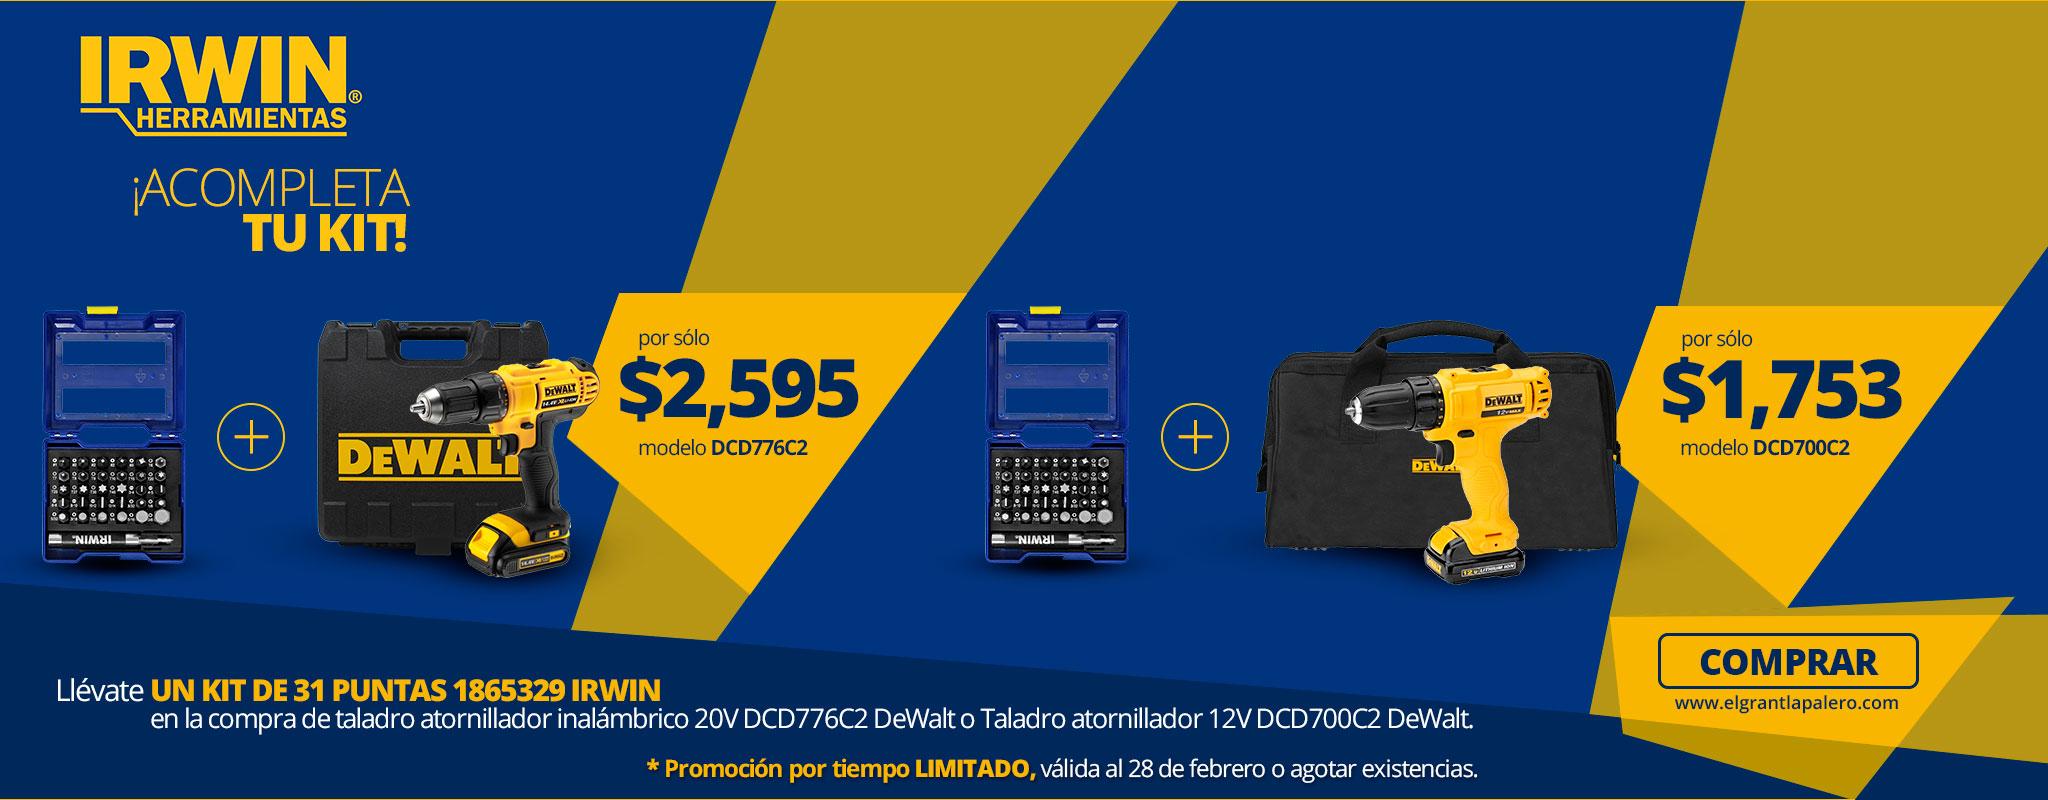 IRWIN te regala 1 kit de puntas en la compra de inalámbricos DeWalt!